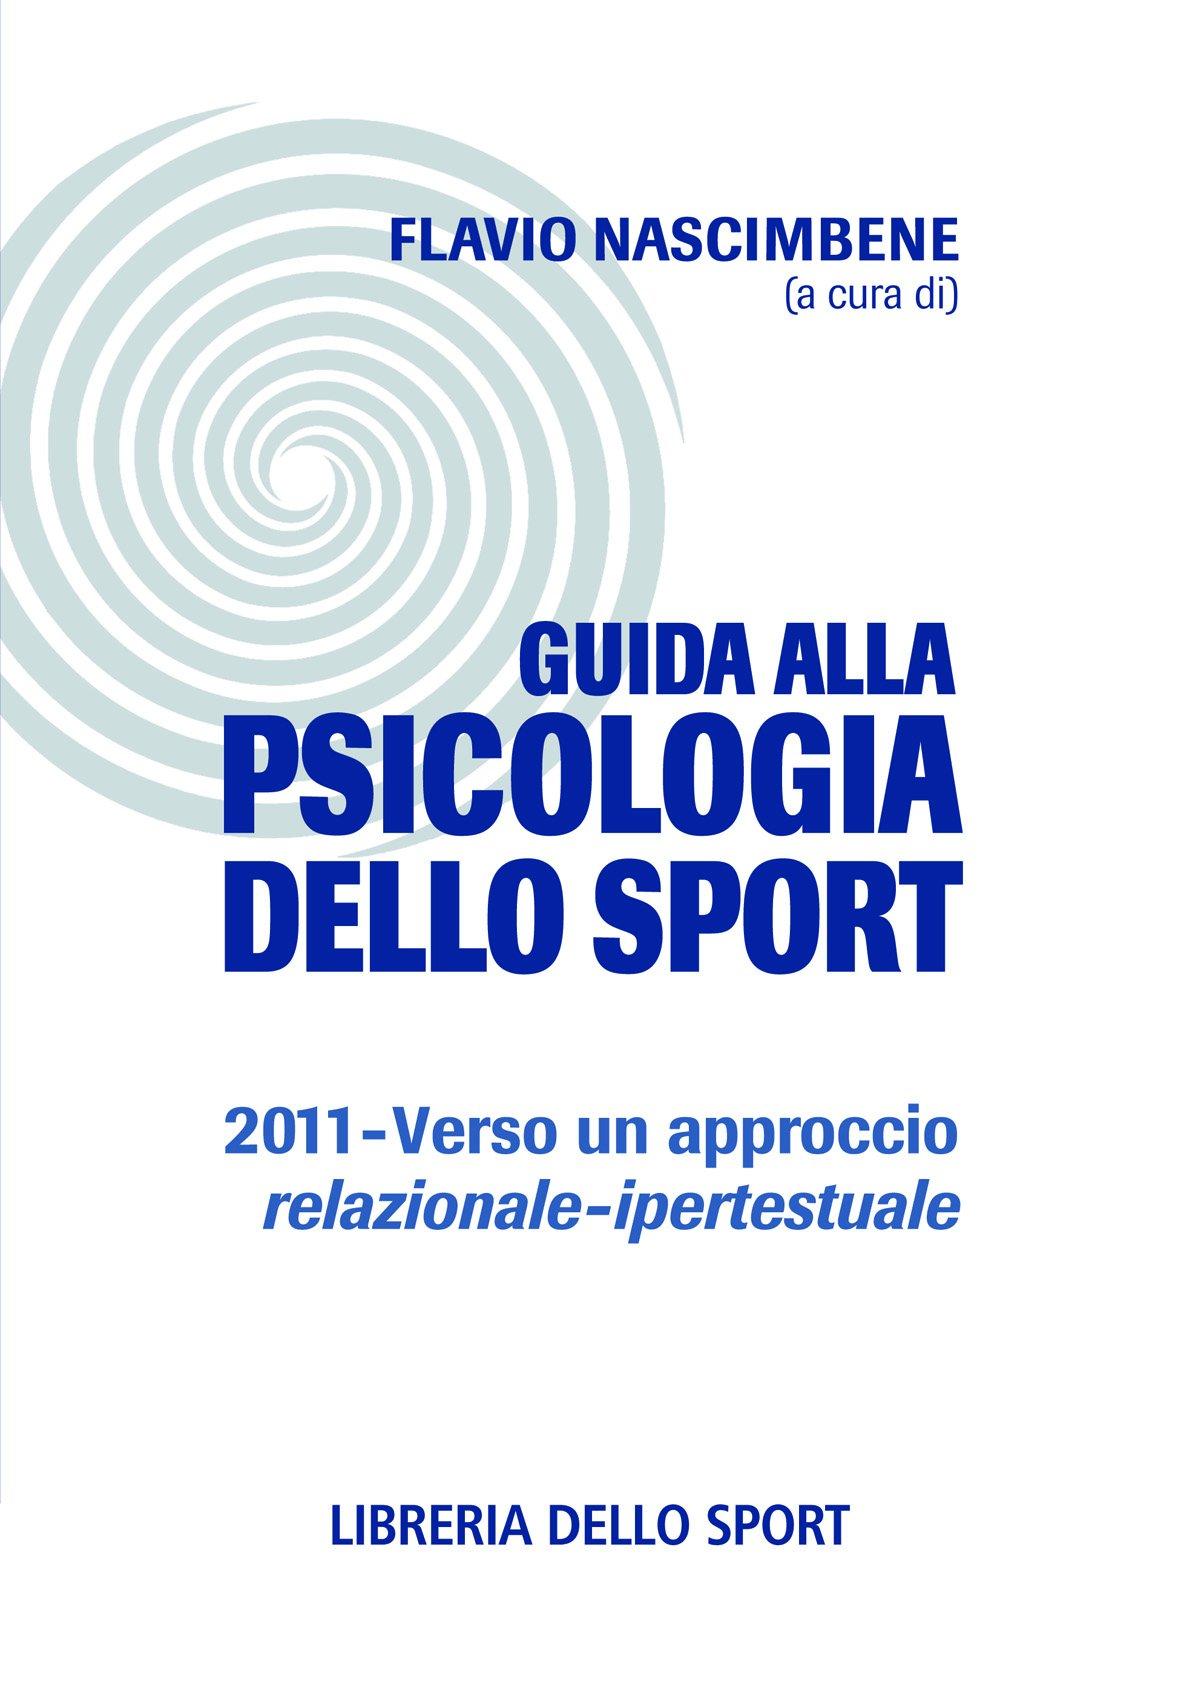 Guida alla psicologia dello sport 2011. Verso un approccio relazionale-ipertestuale Copertina flessibile – 5 dic 2011 F. Nascimbene Libreria dello Sport 8861270344